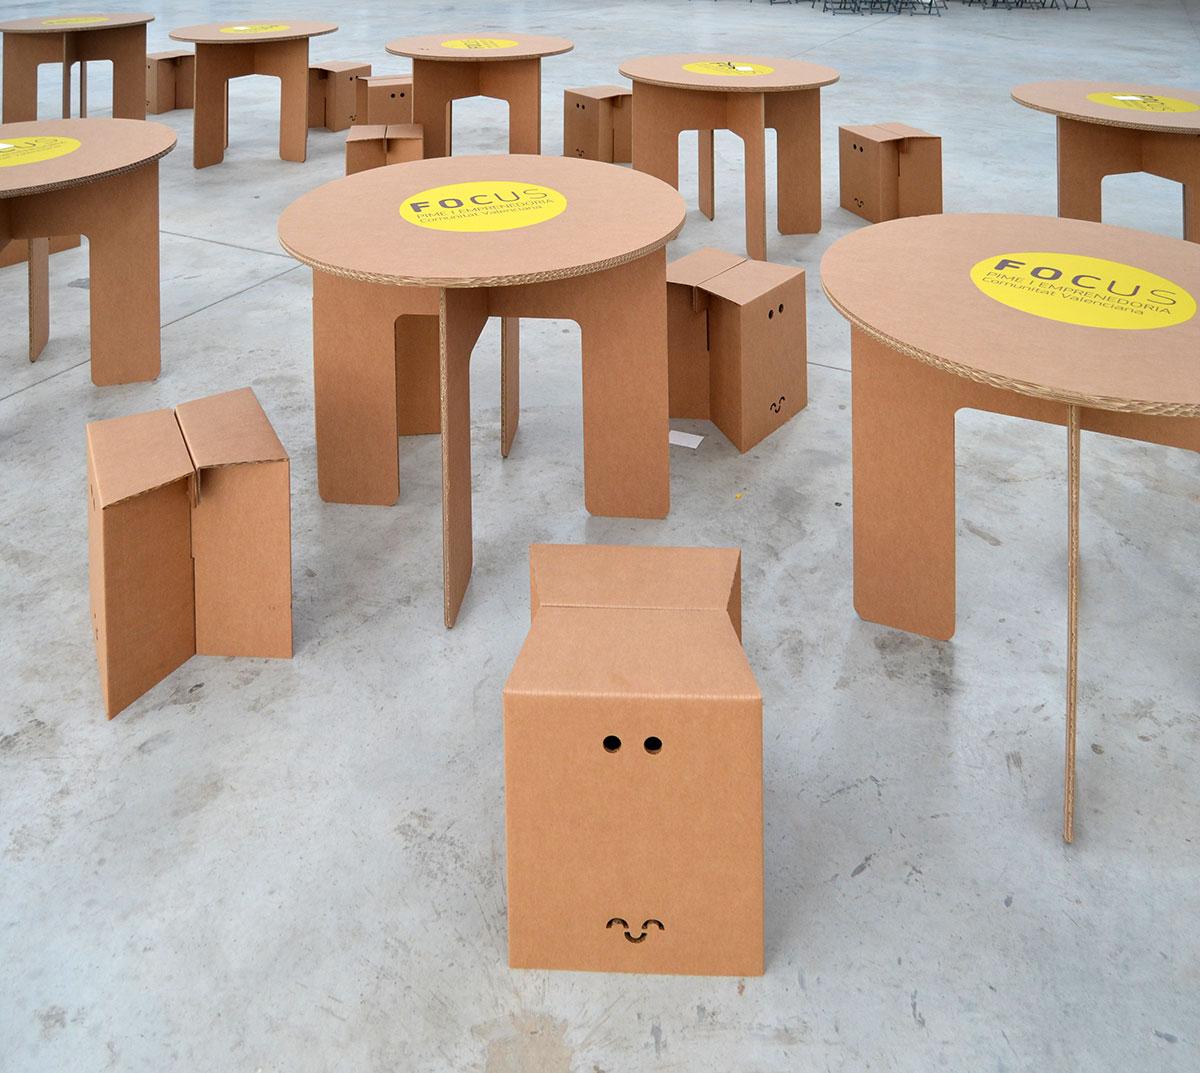 Muebles de cart n para evento focus pyme alicante - Mesas de carton ...